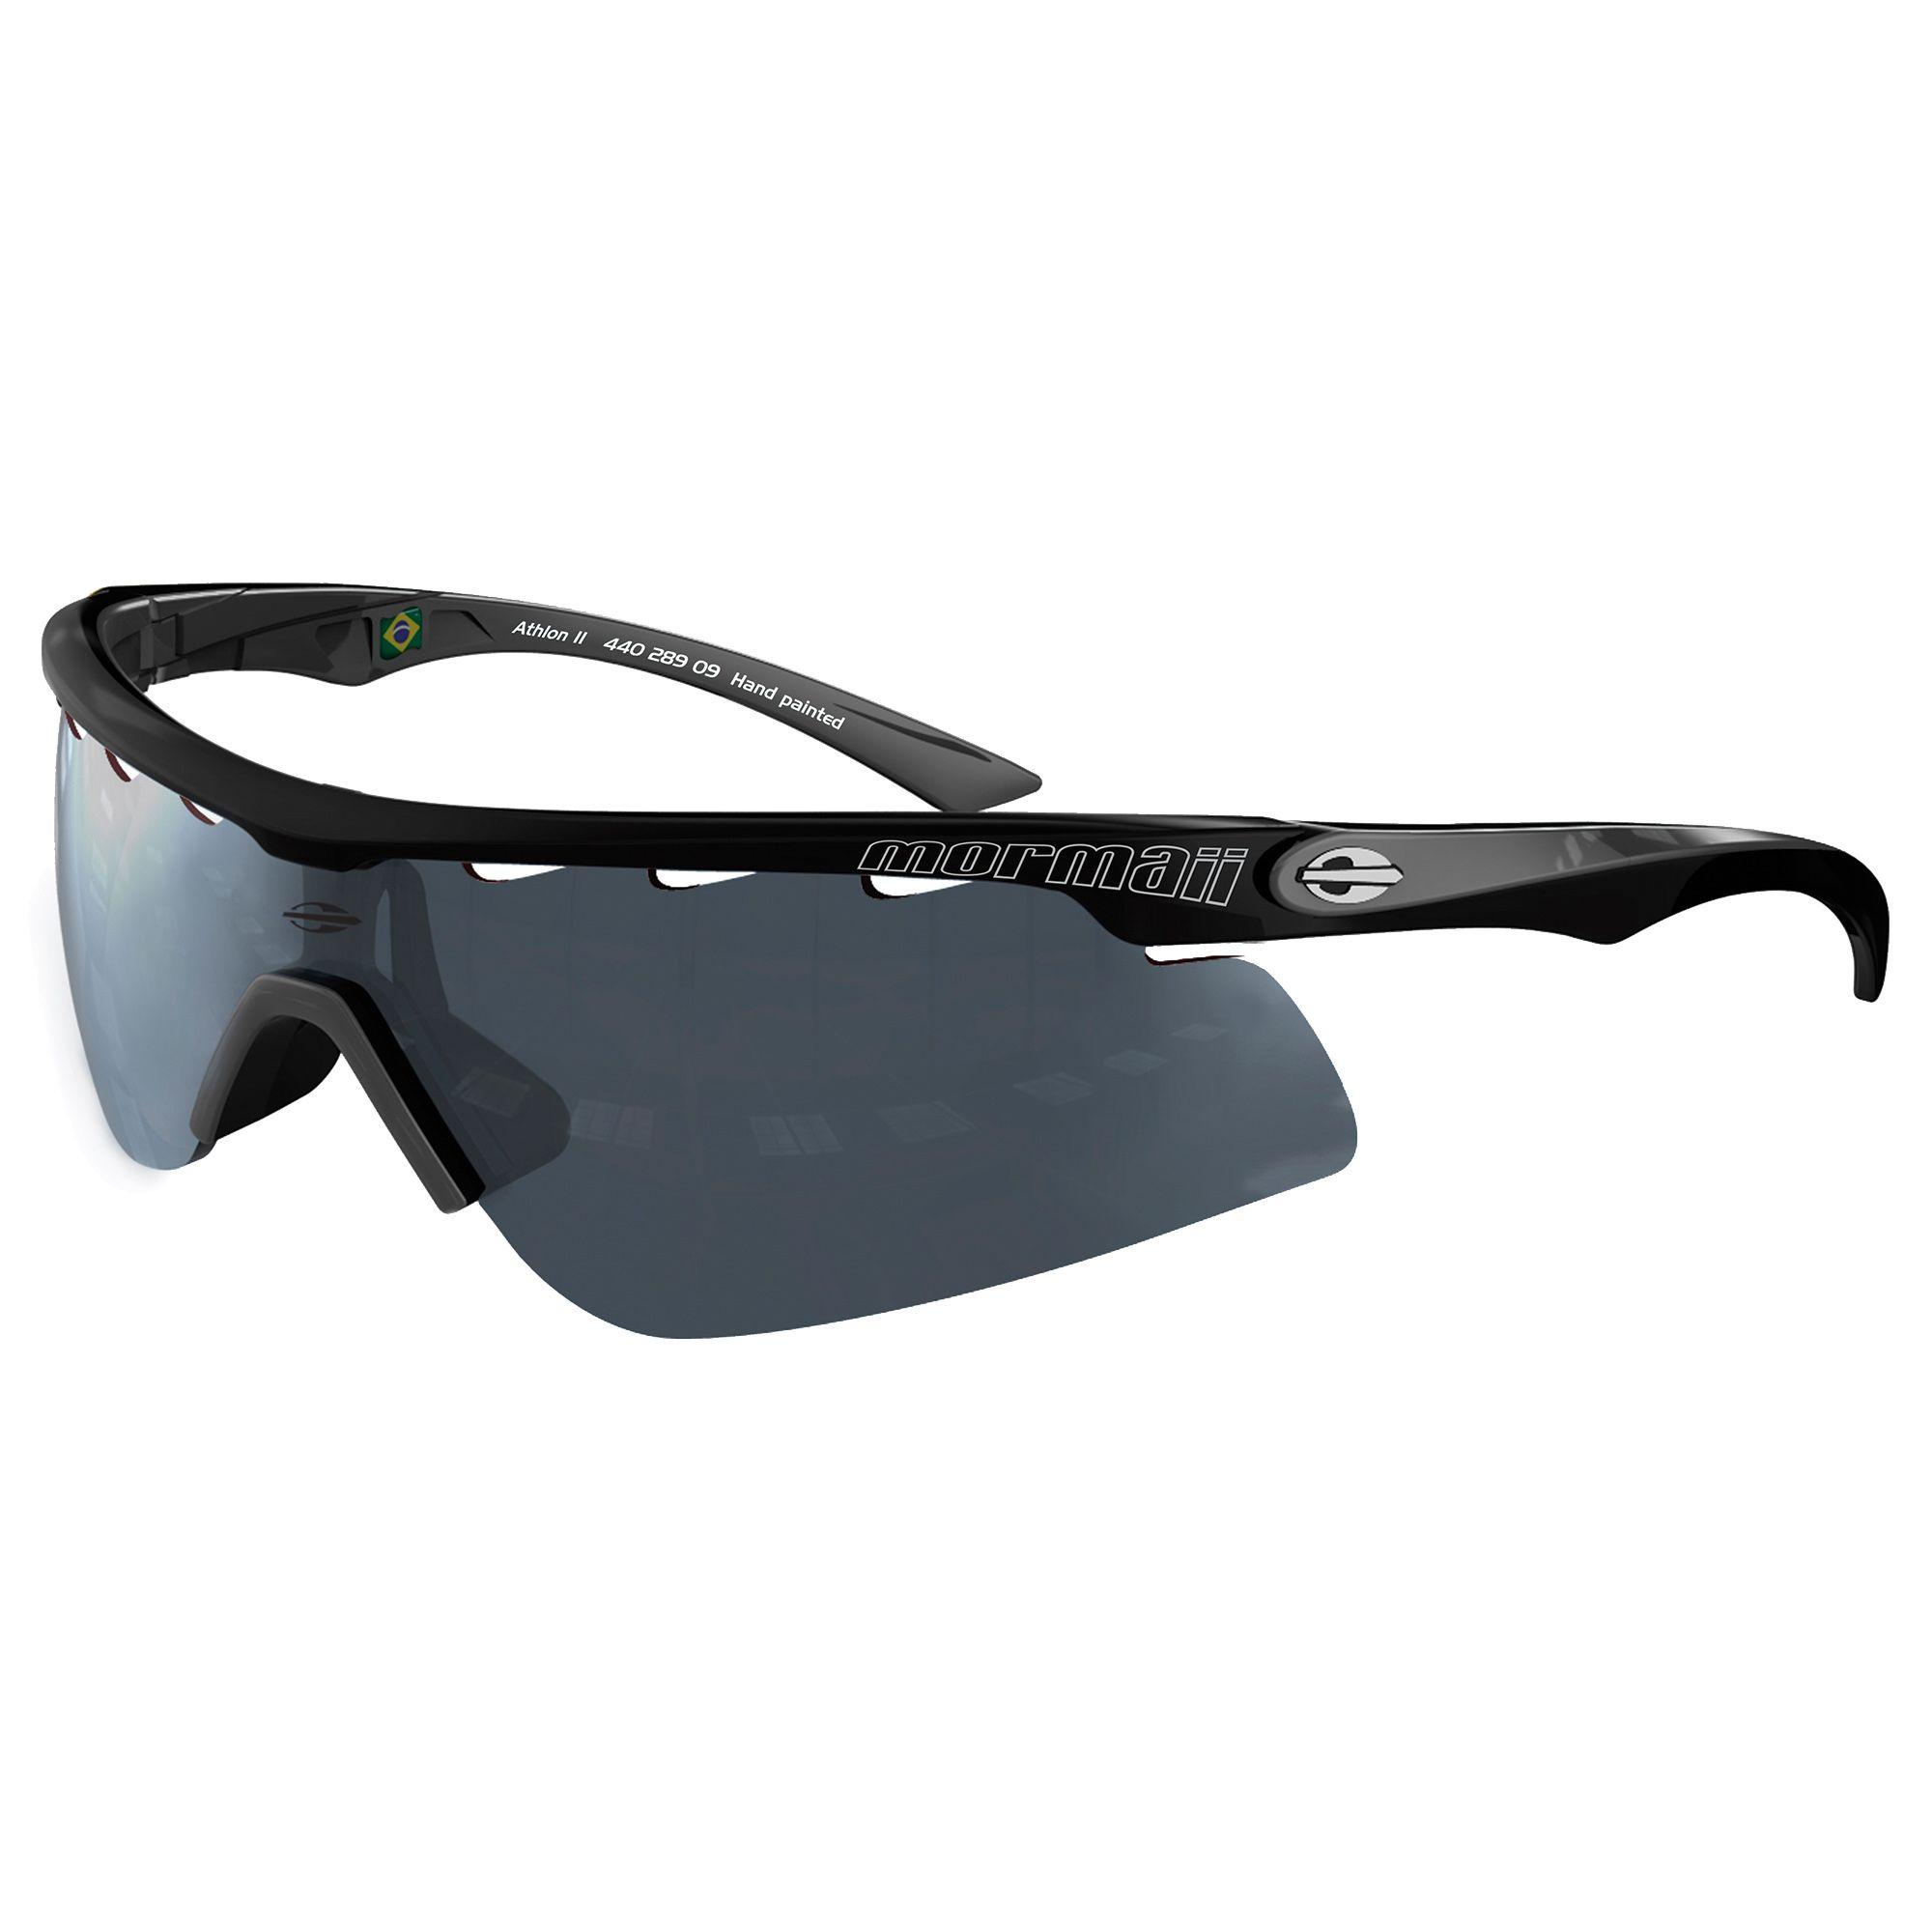 Óculos de Sol Unissex Mormaii Athlon II 44028909